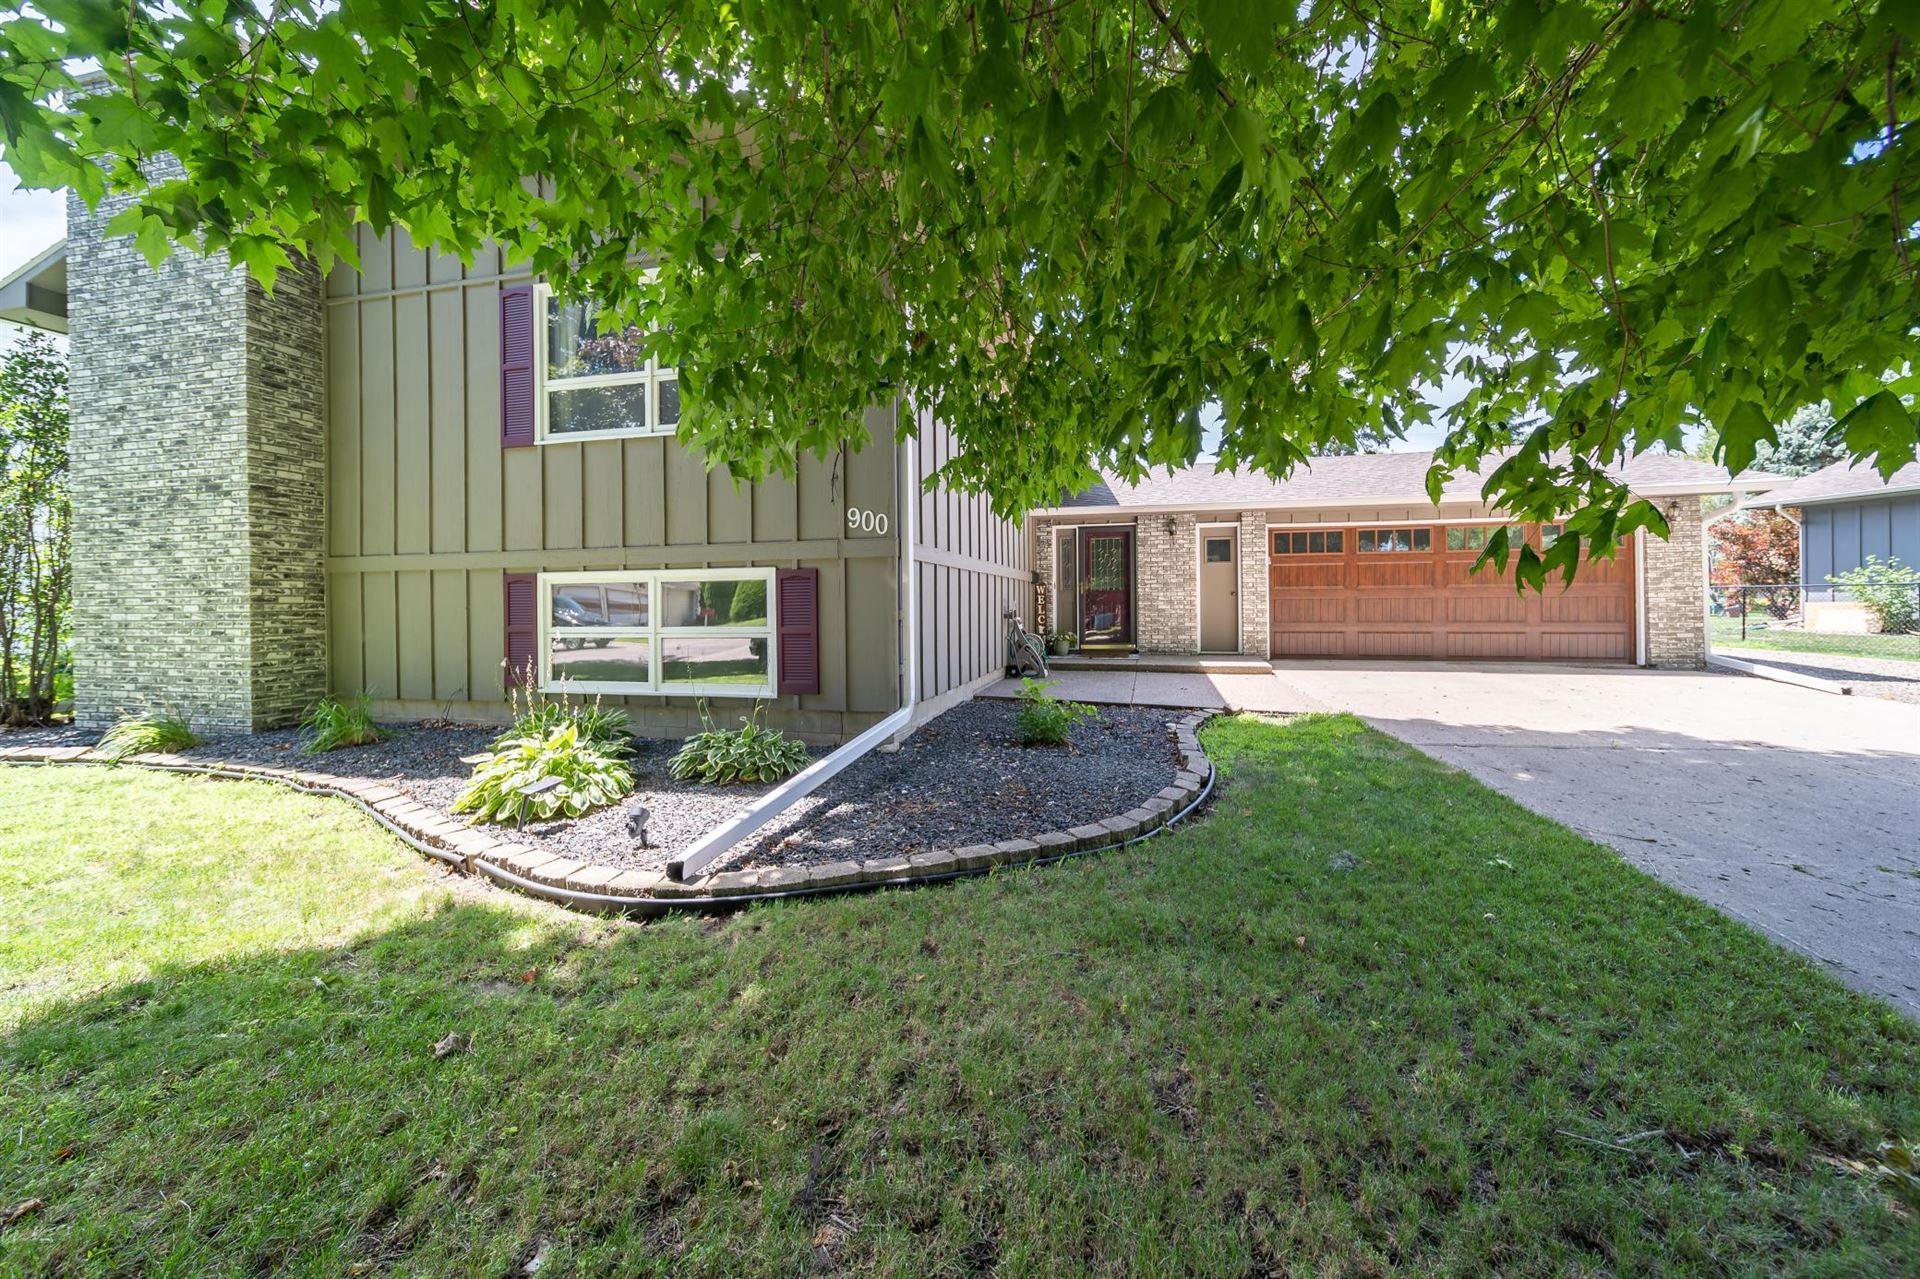 900 Minnesota Avenue, Owatonna, MN 55060 - MLS#: 5635284